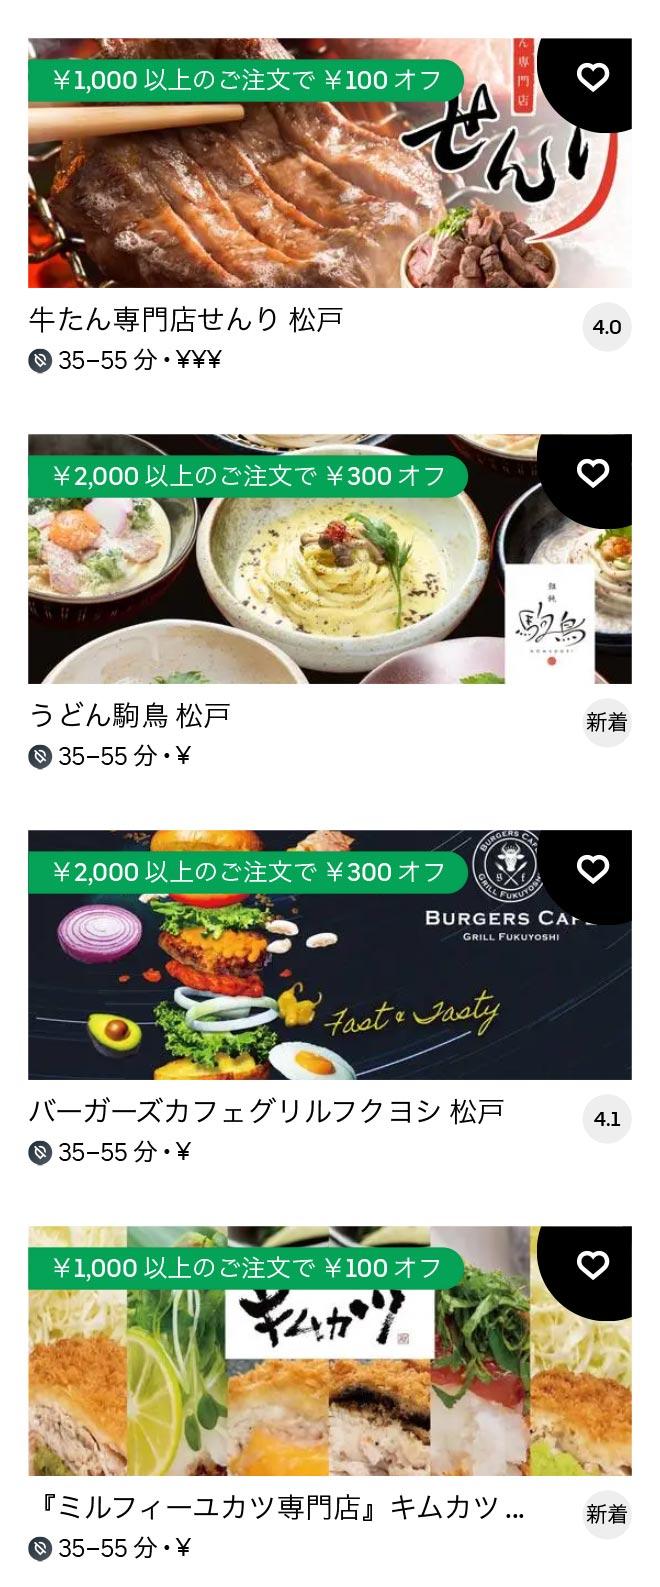 Nagareyama ootaka menu 2011 05